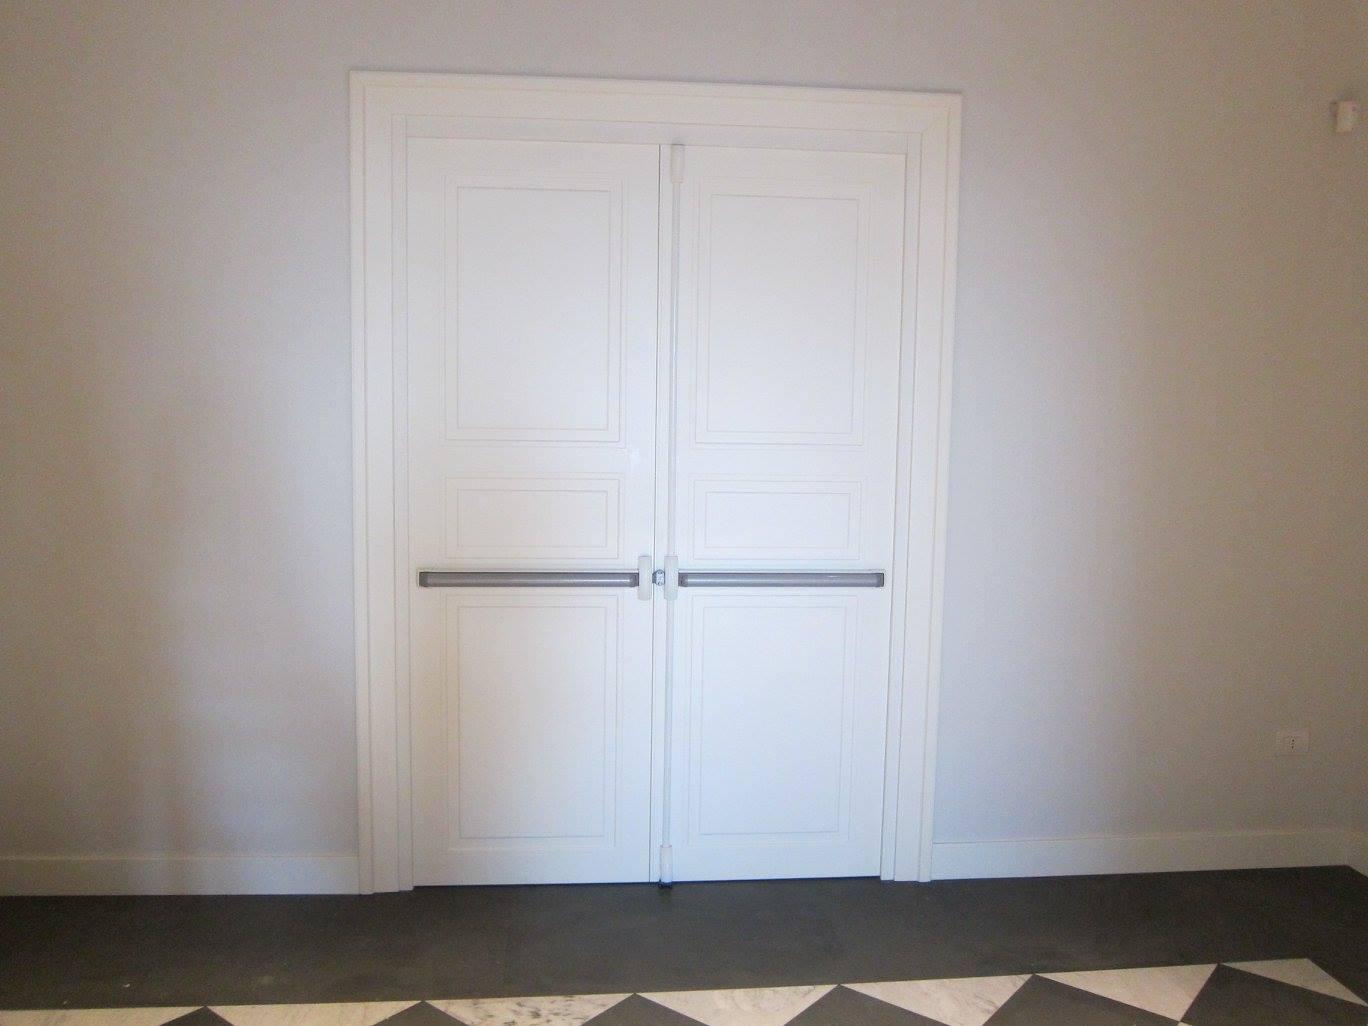 Porte Doppie Per Interni.Porte Doppie Per Interni Oostwand